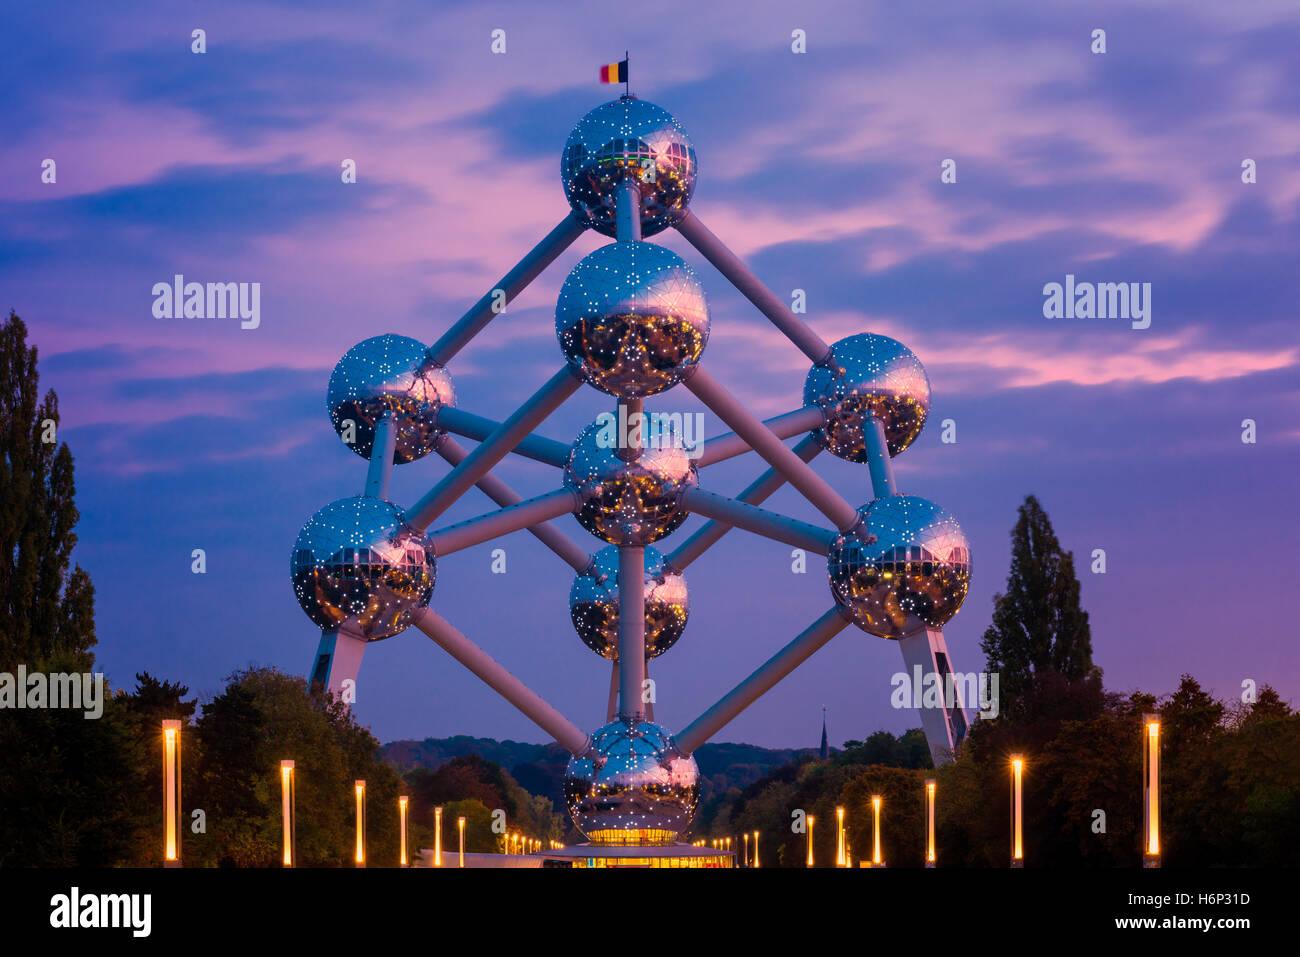 Atomium building in Brussels Belgium - Stock Image